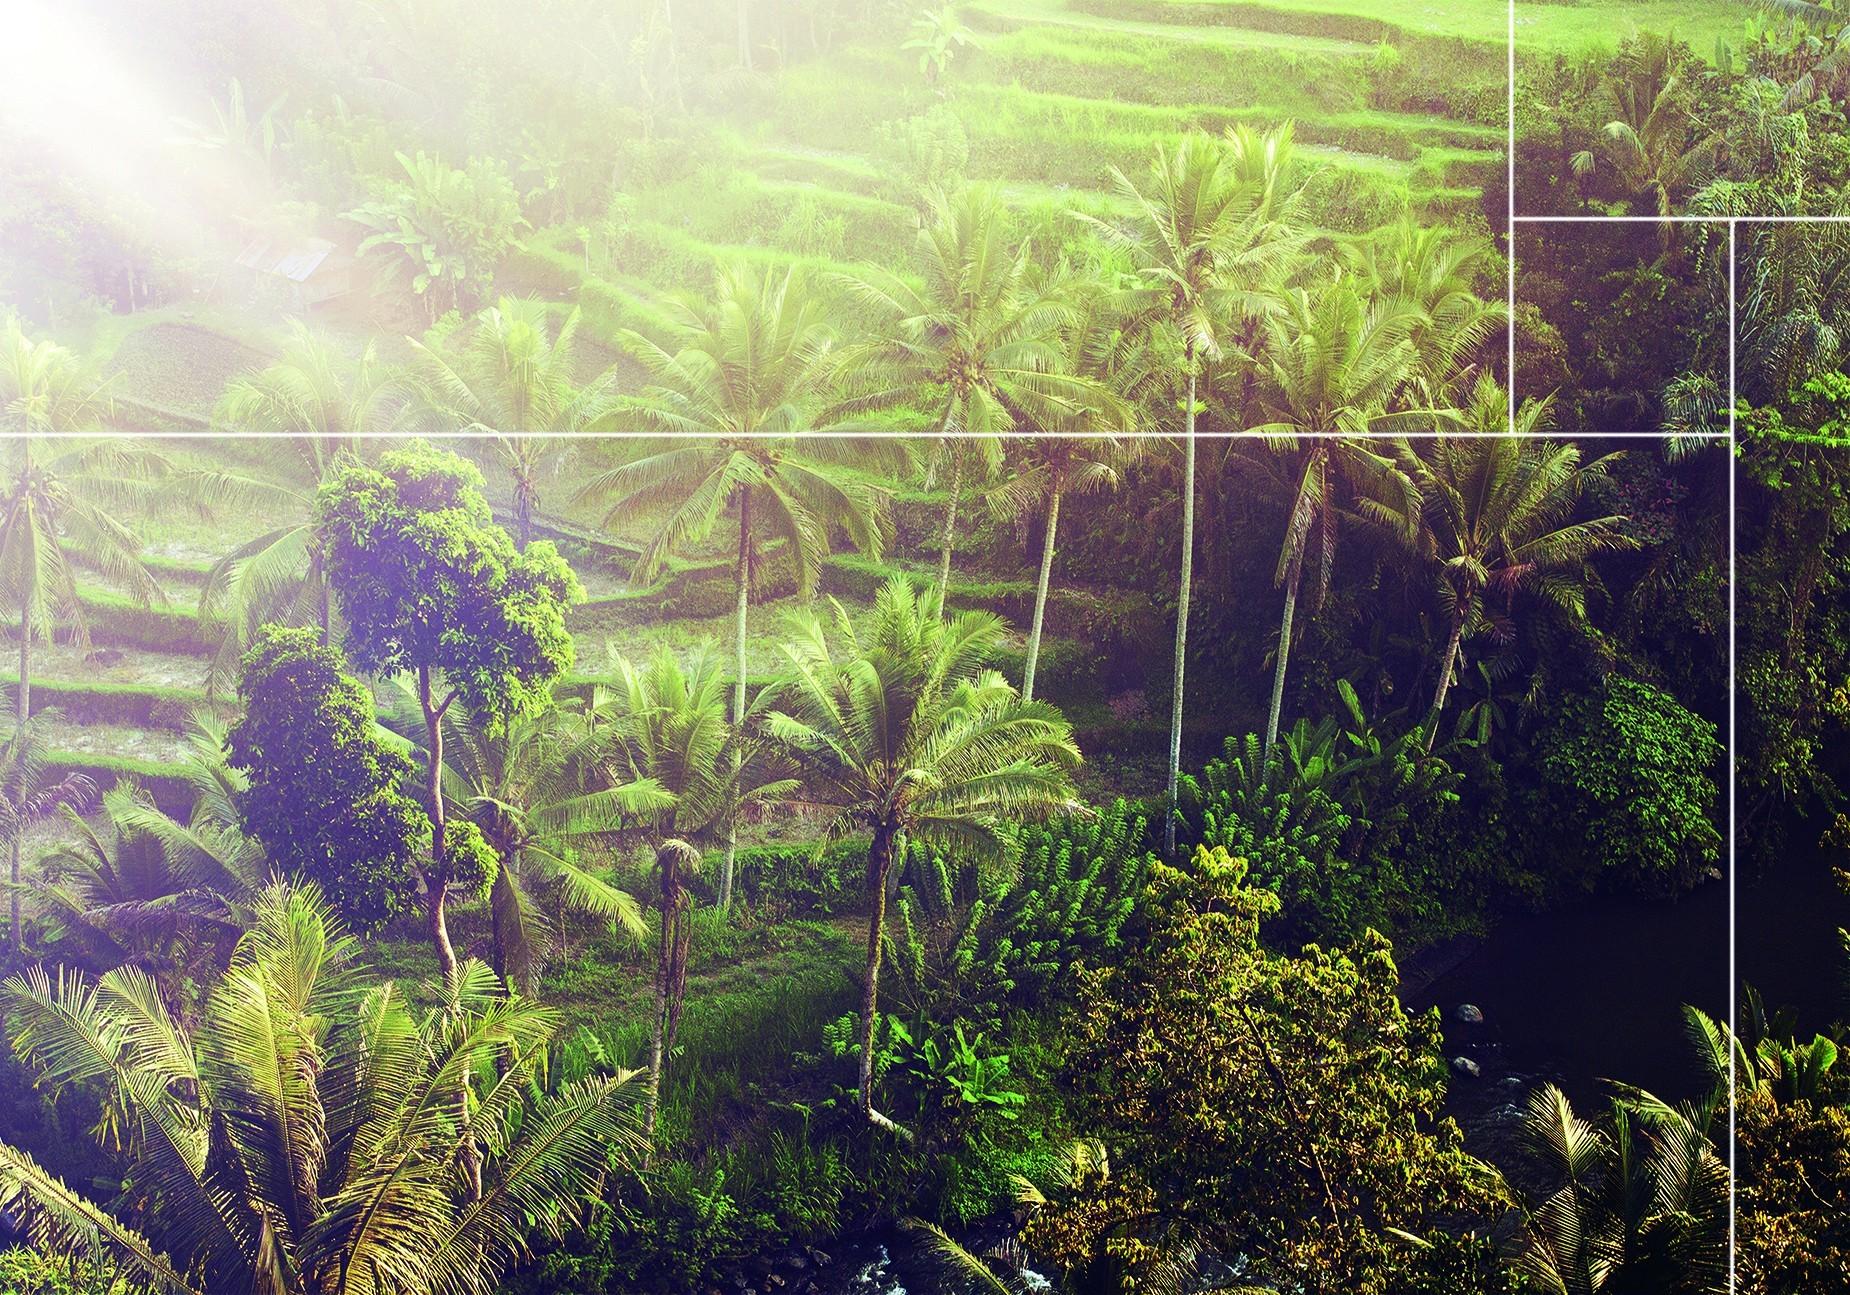 Bekijk hier de wanddecoratie van de Ubud Jungle collectie |Nature@home